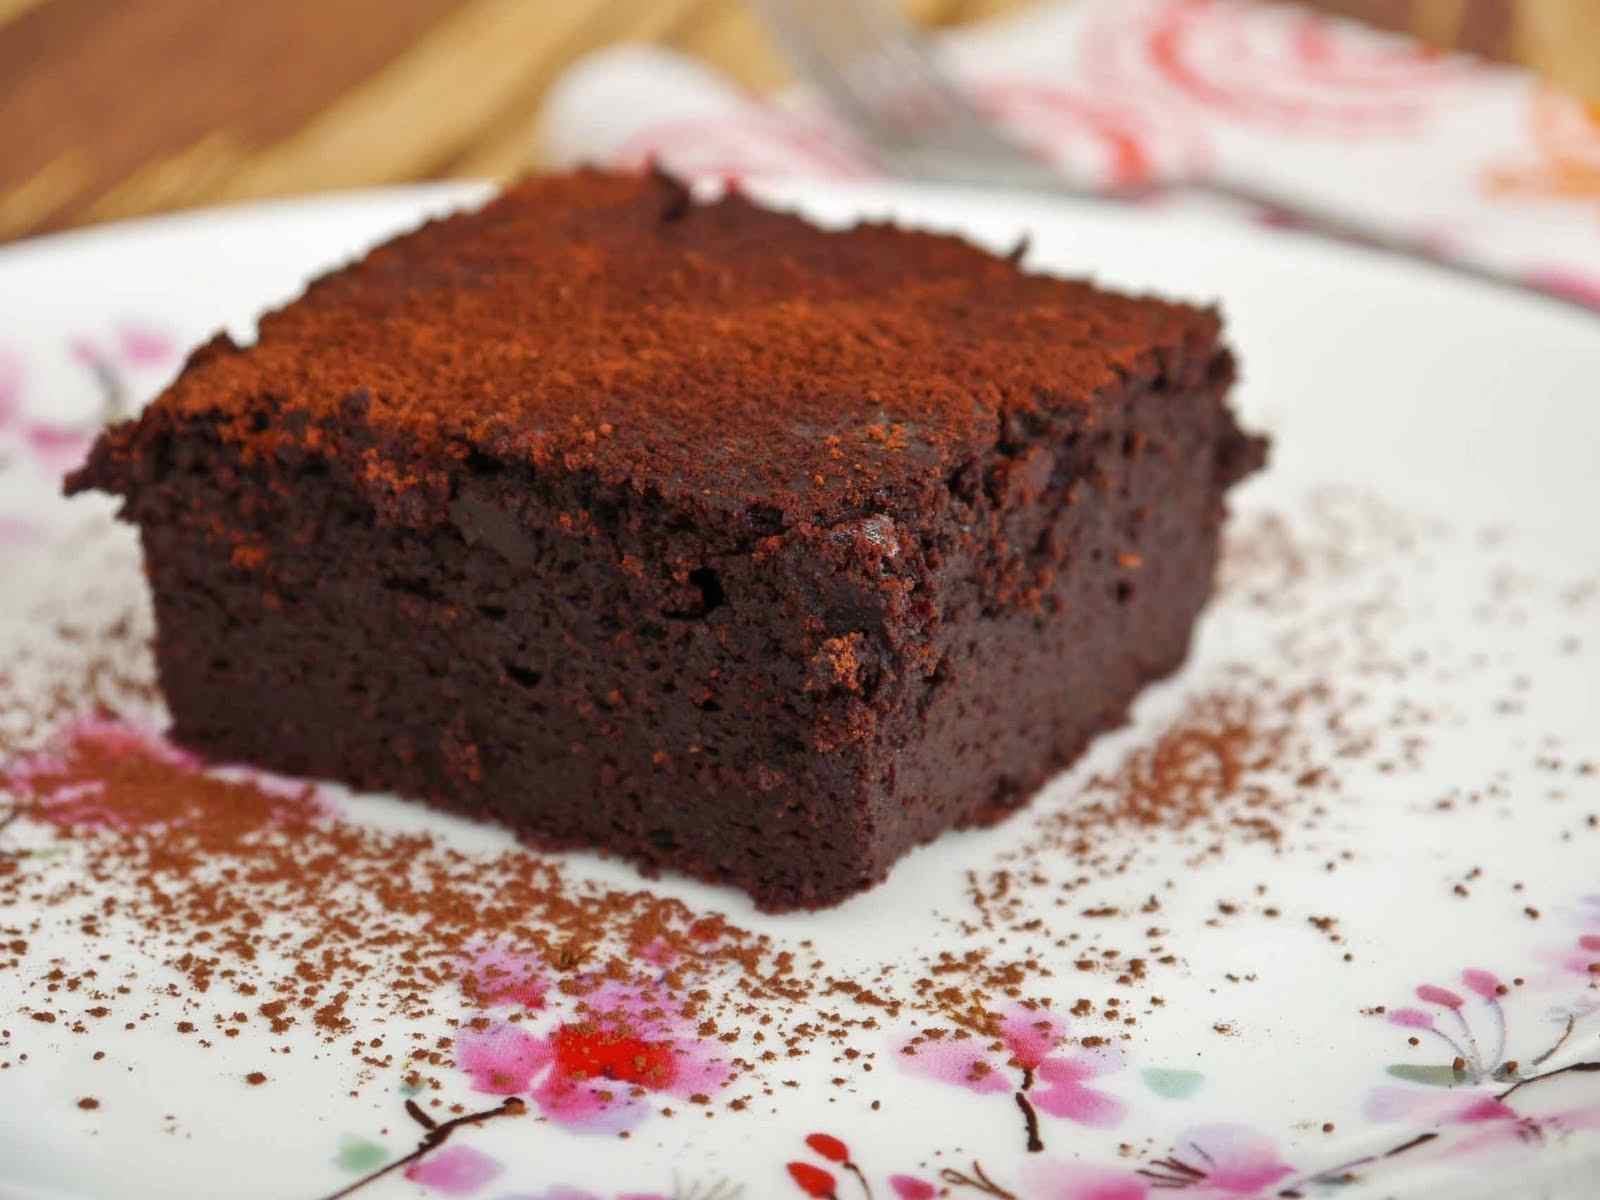 шоколадные пирожные рецепт с фото пошагово сорт